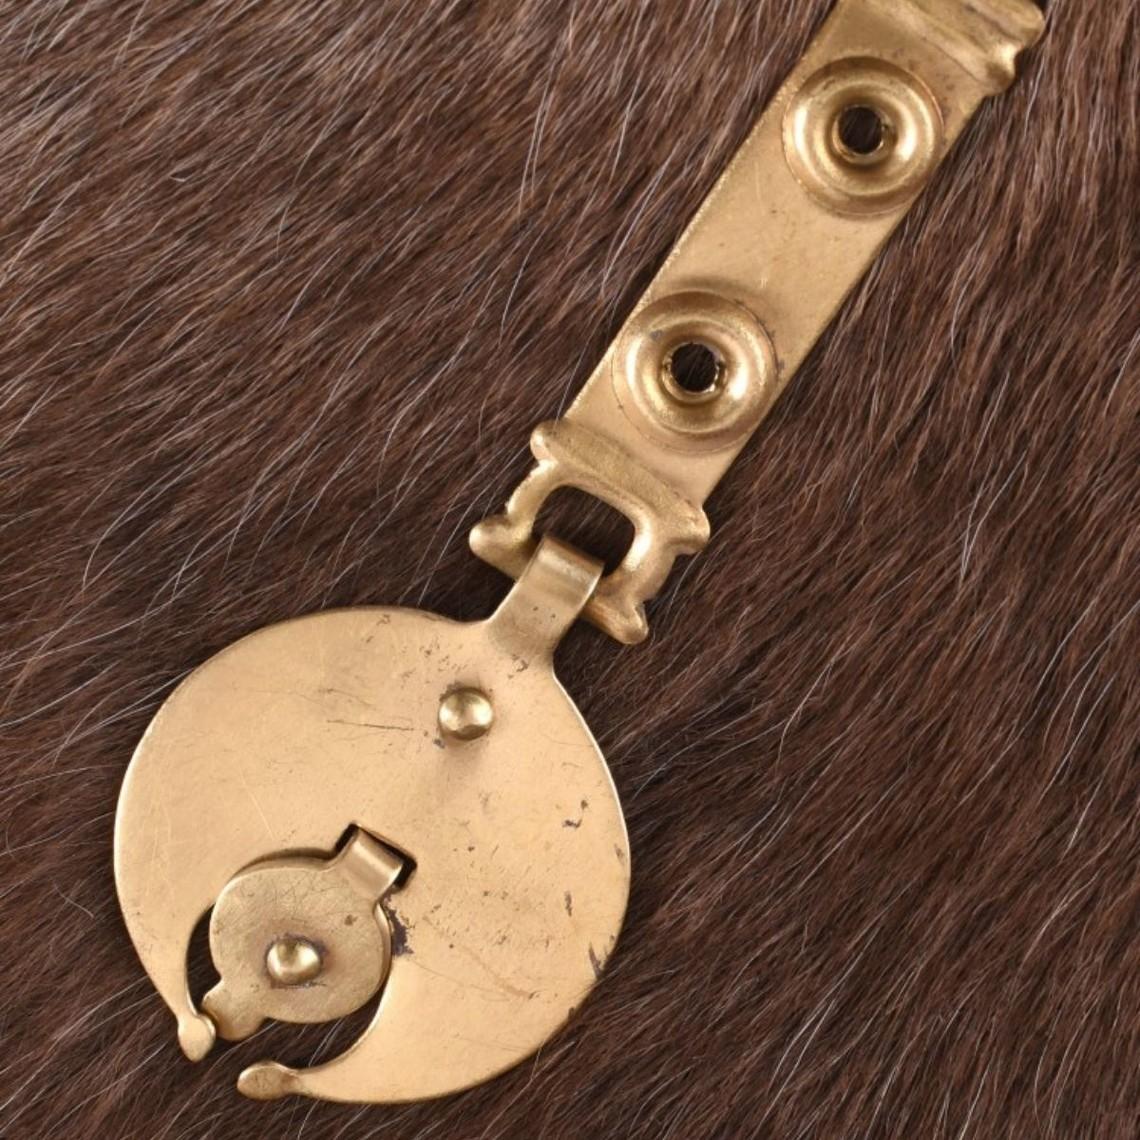 Deepeeka Décoré extrémité de ceinture pour ceintures romaines